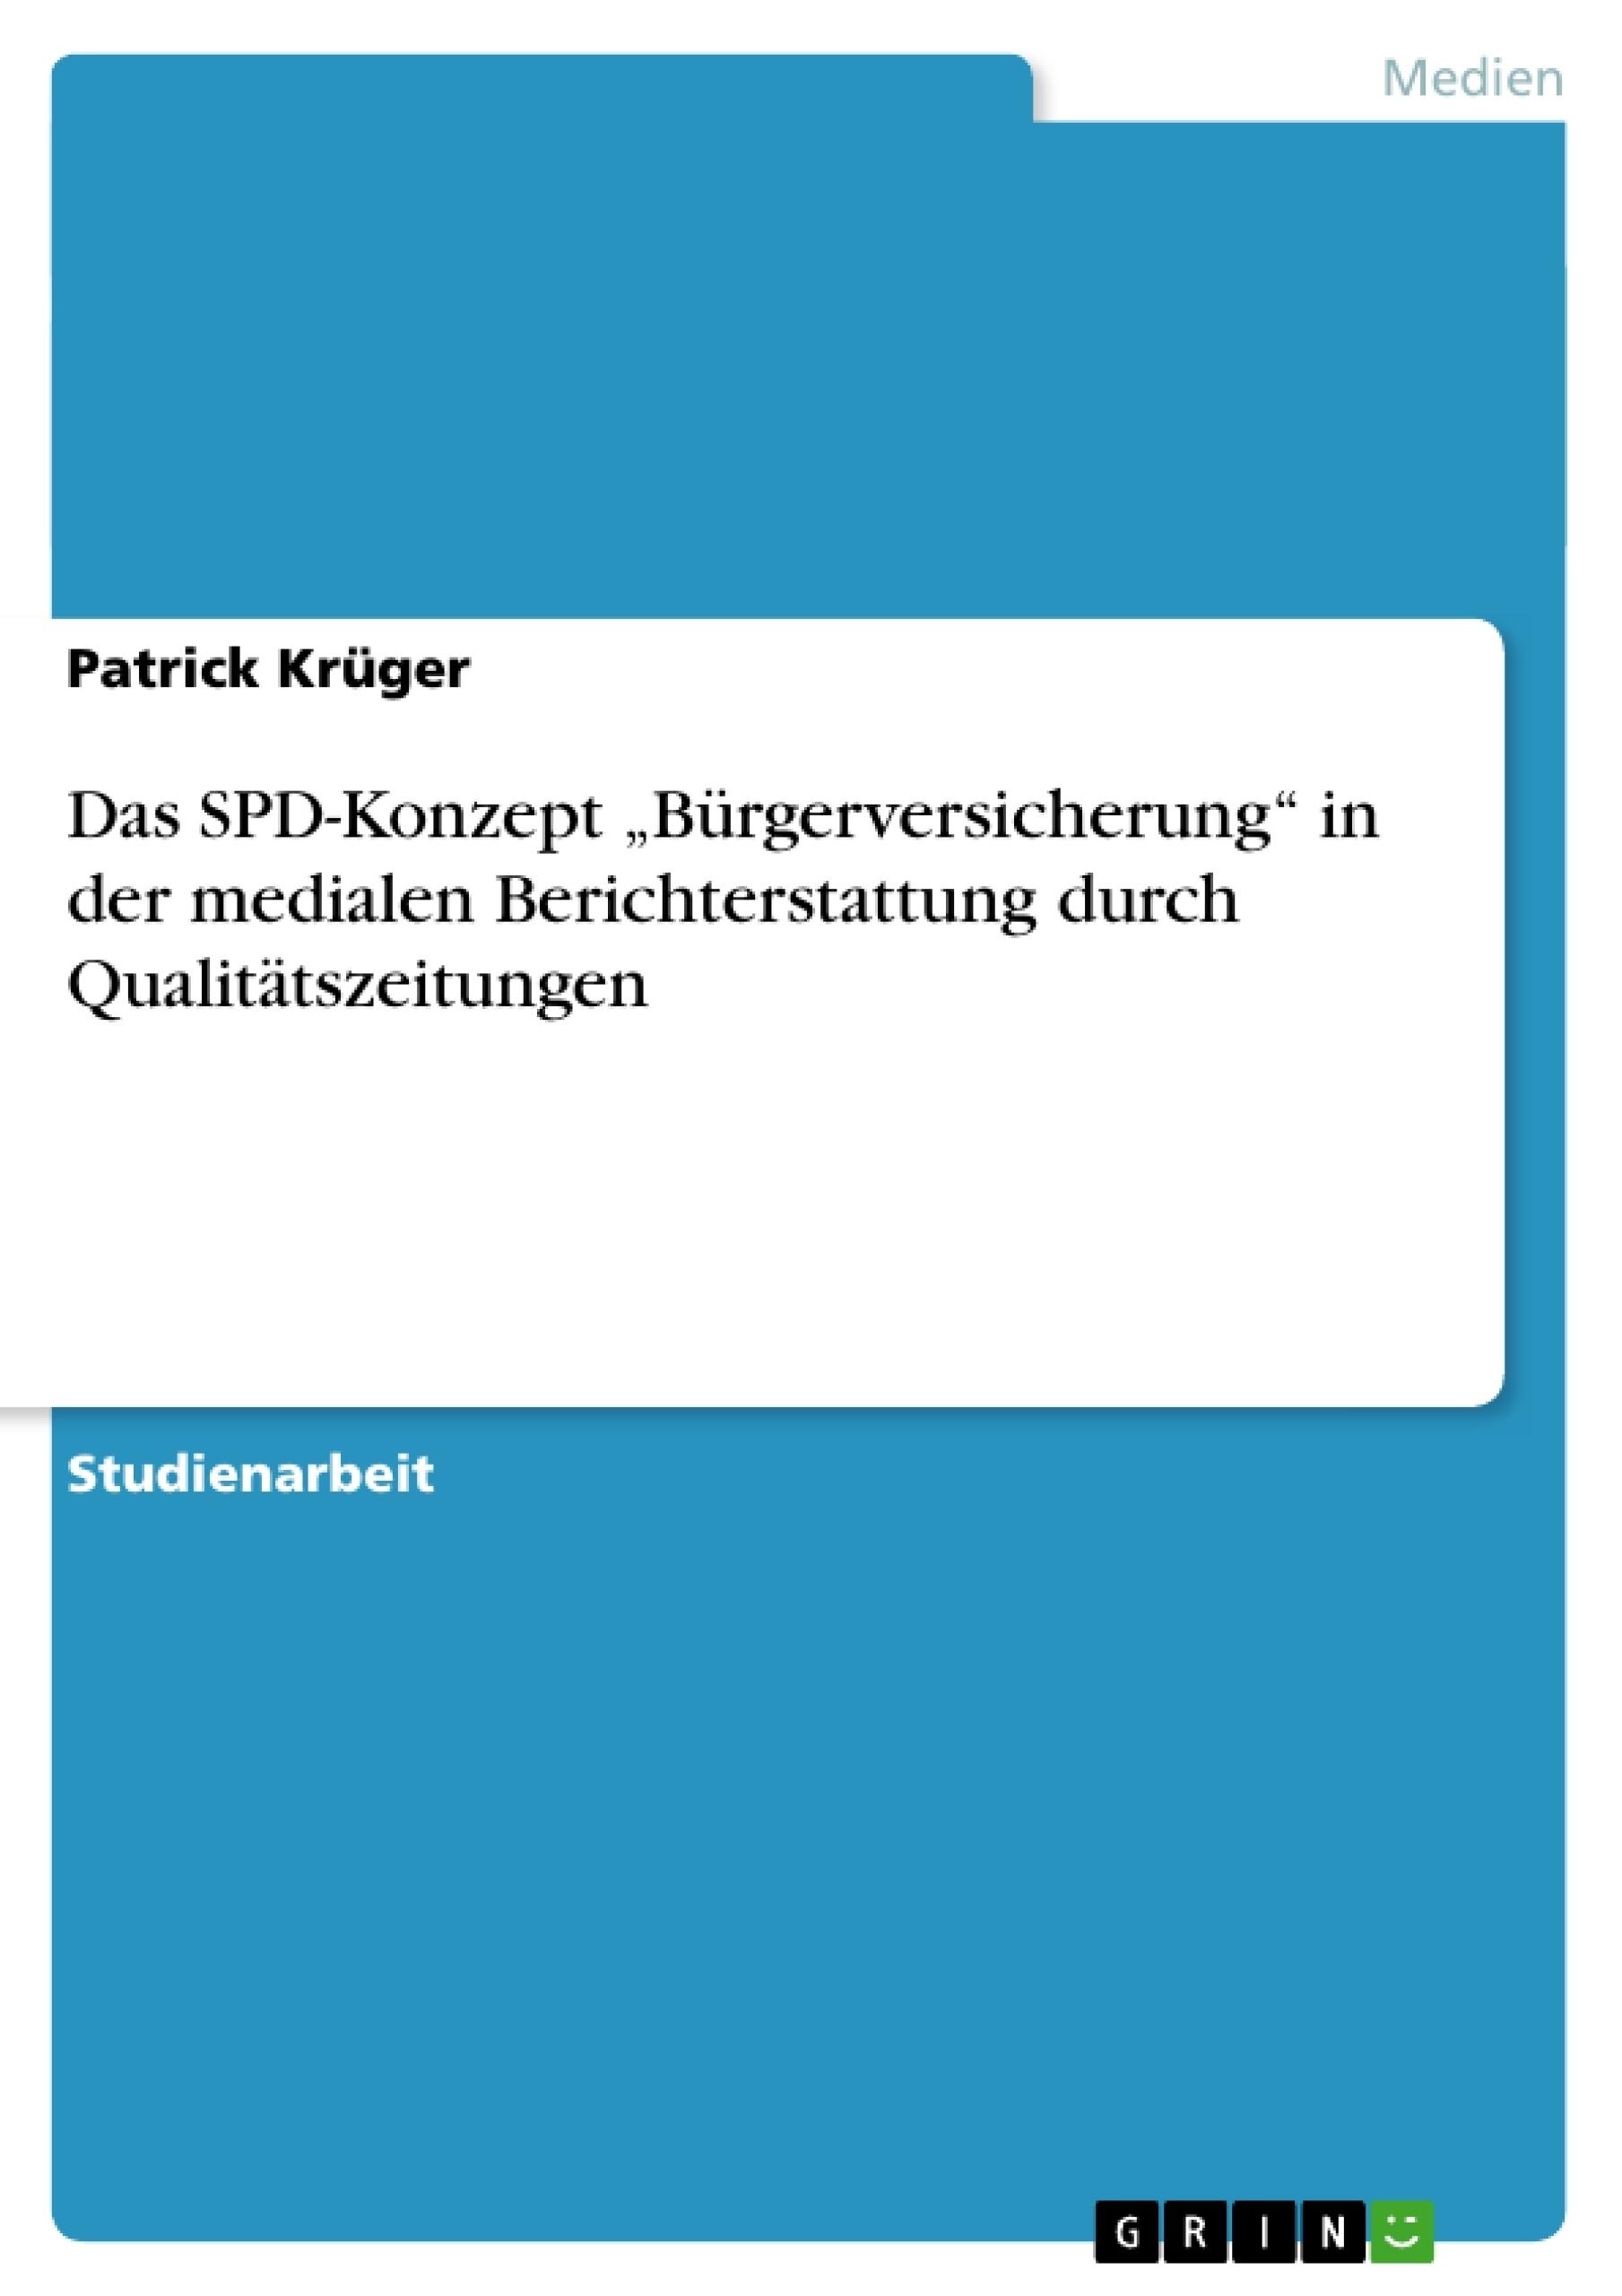 """Titel: Das SPD-Konzept """"Bürgerversicherung"""" in der medialen Berichterstattung durch Qualitätszeitungen"""